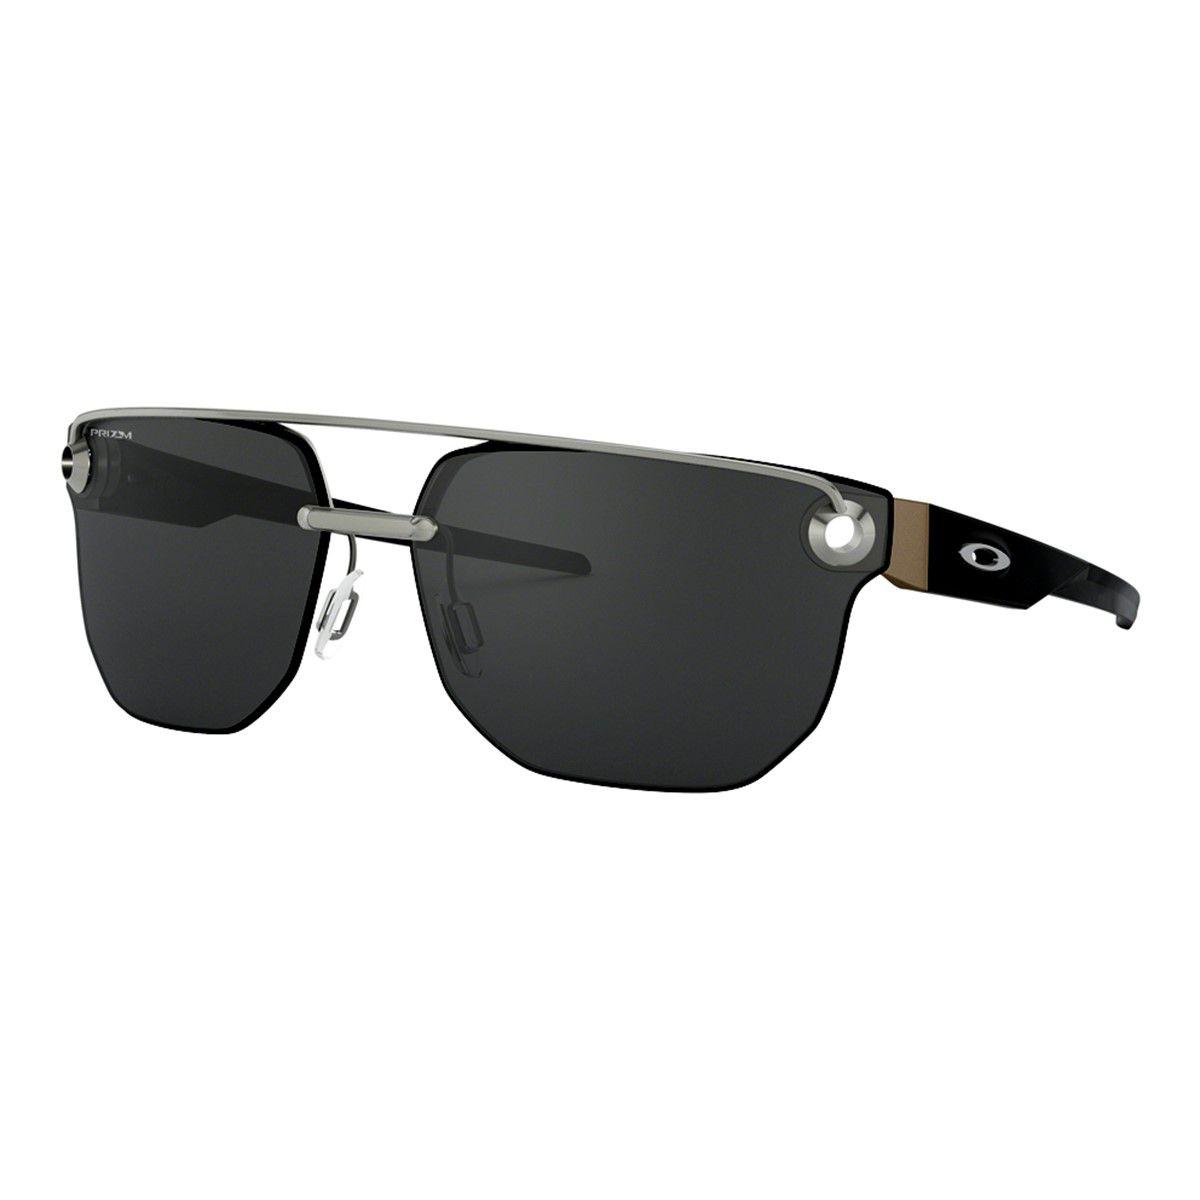 Óculos de Sol Oakley Chrystl Satin Toast Prizm Grey